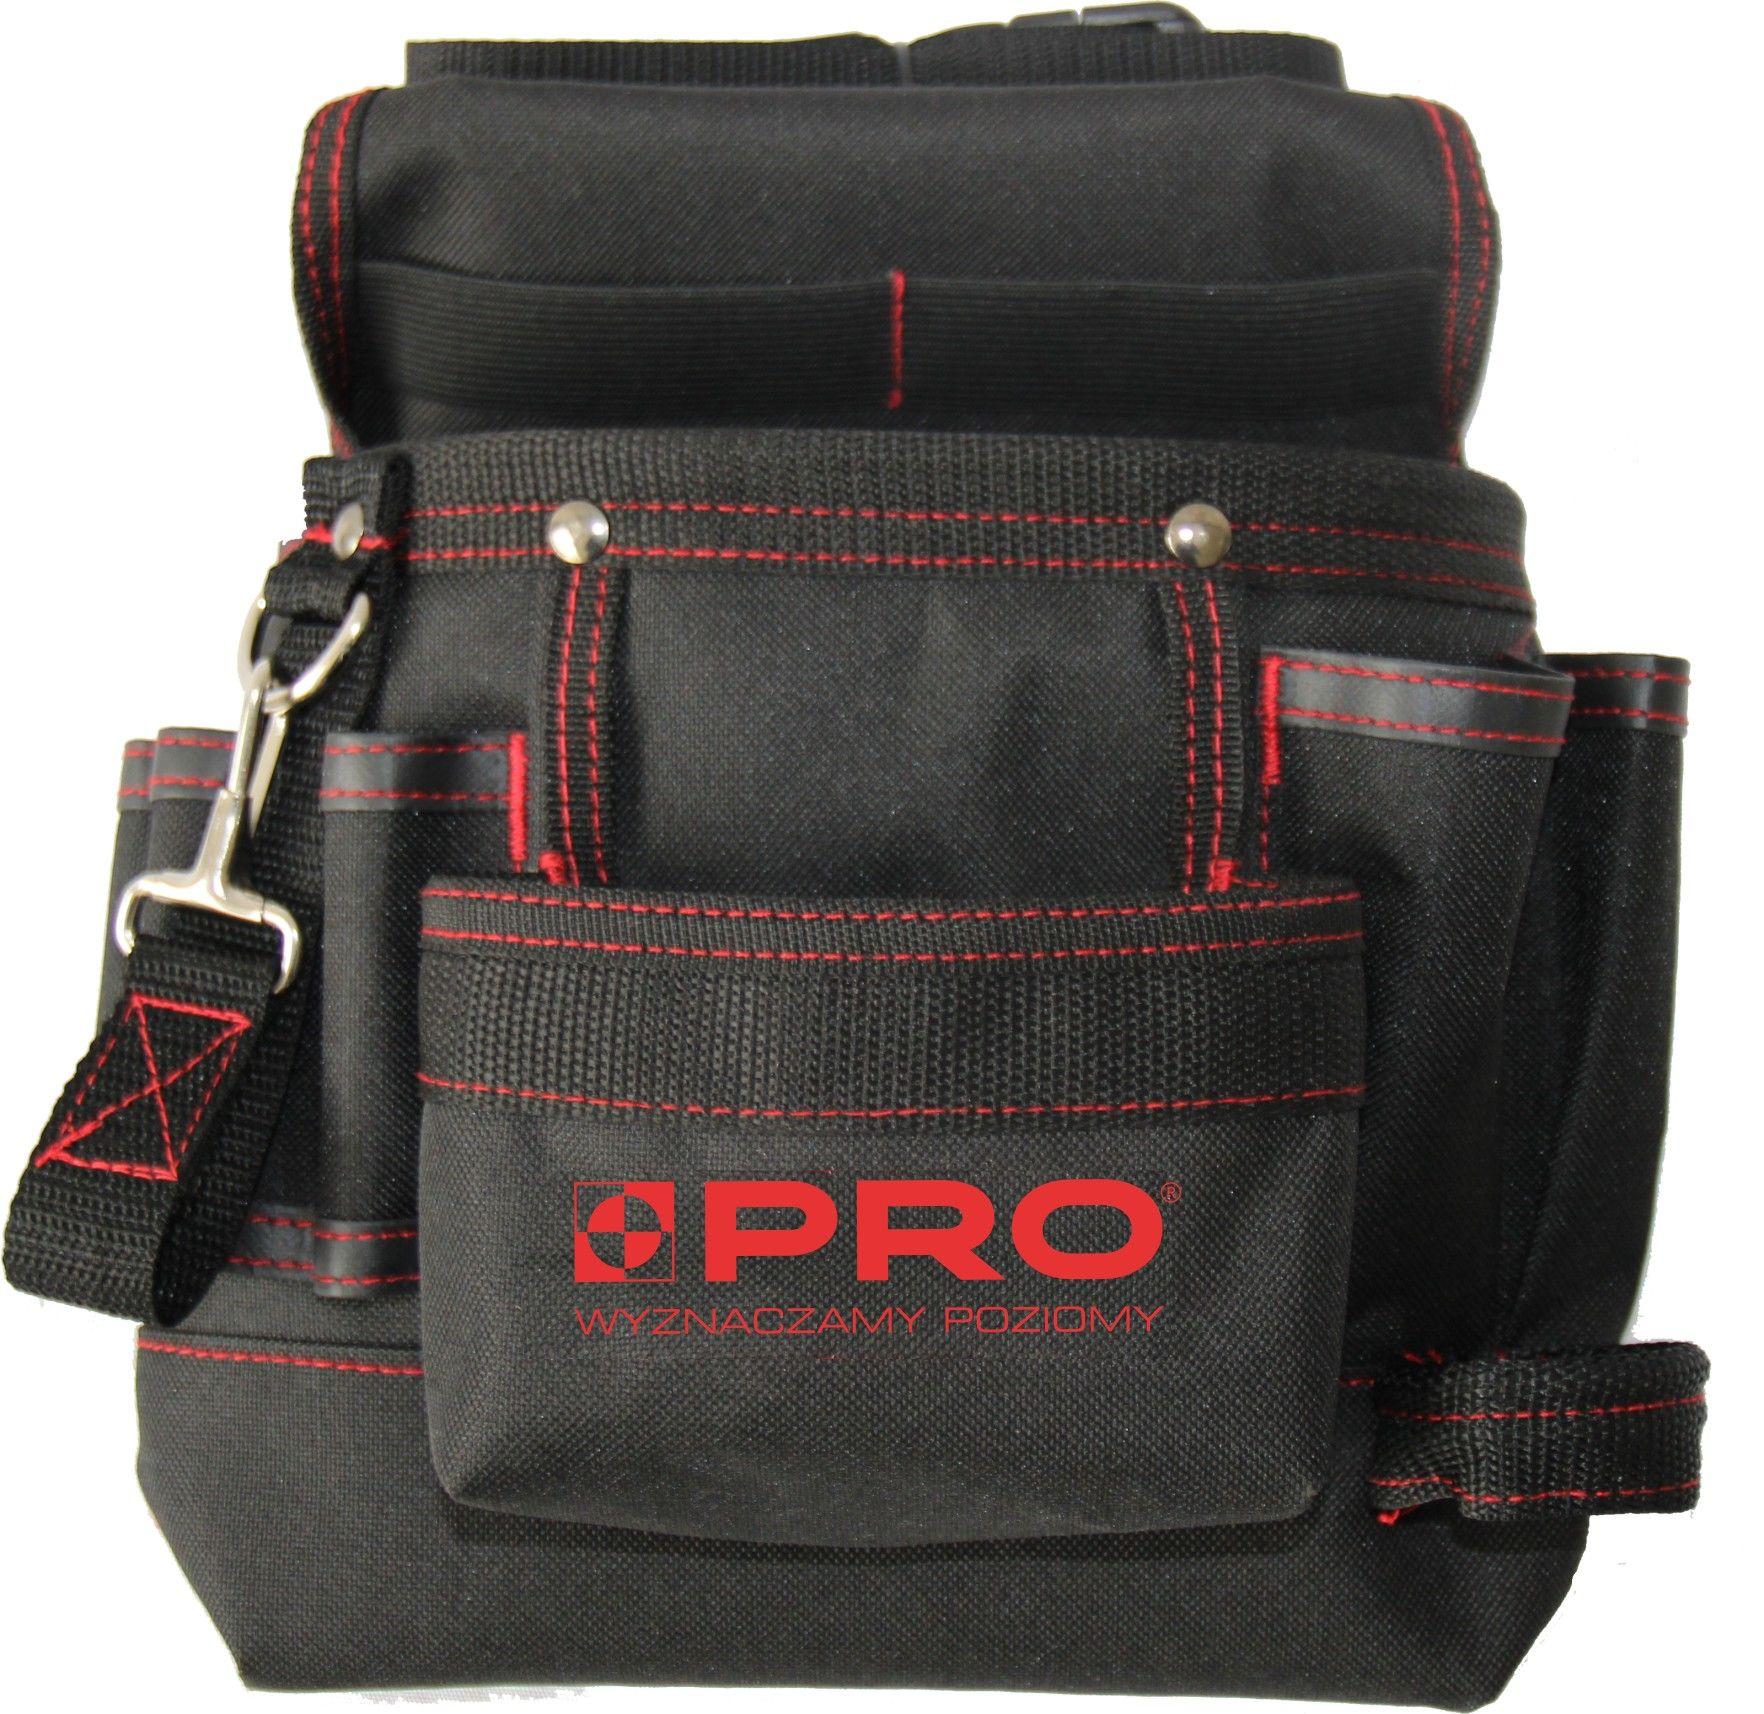 Pas narzędziowy 7 kieszeni PRO (OR-7P-P6)